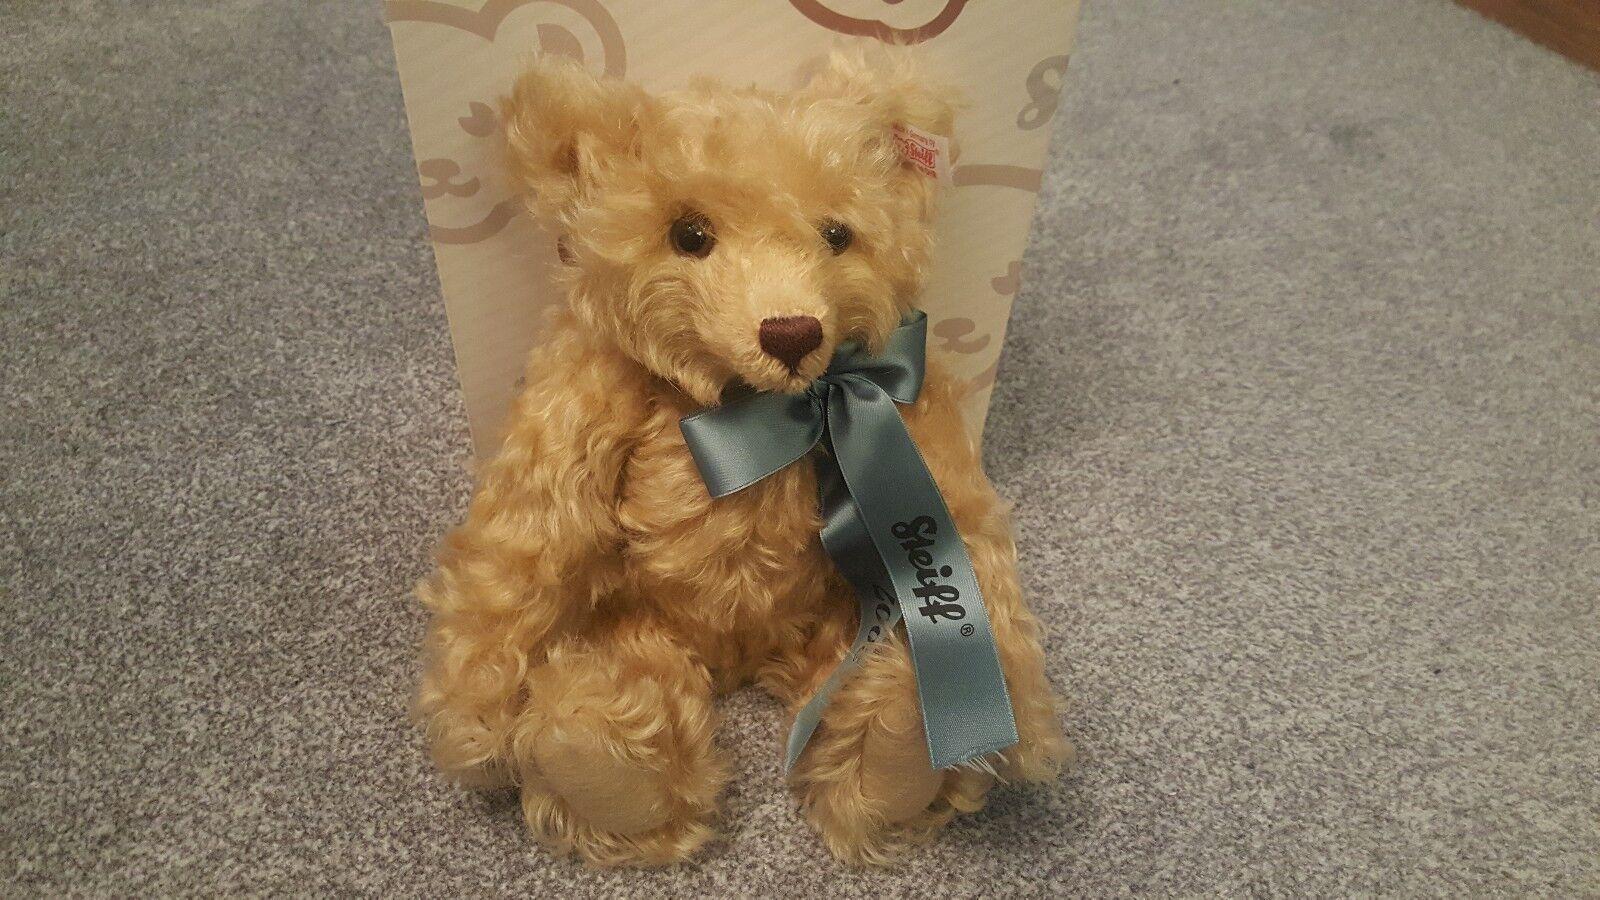 30cm 2007 Steiff Teddy Bear Plush Vintage Bear with Jointed arms